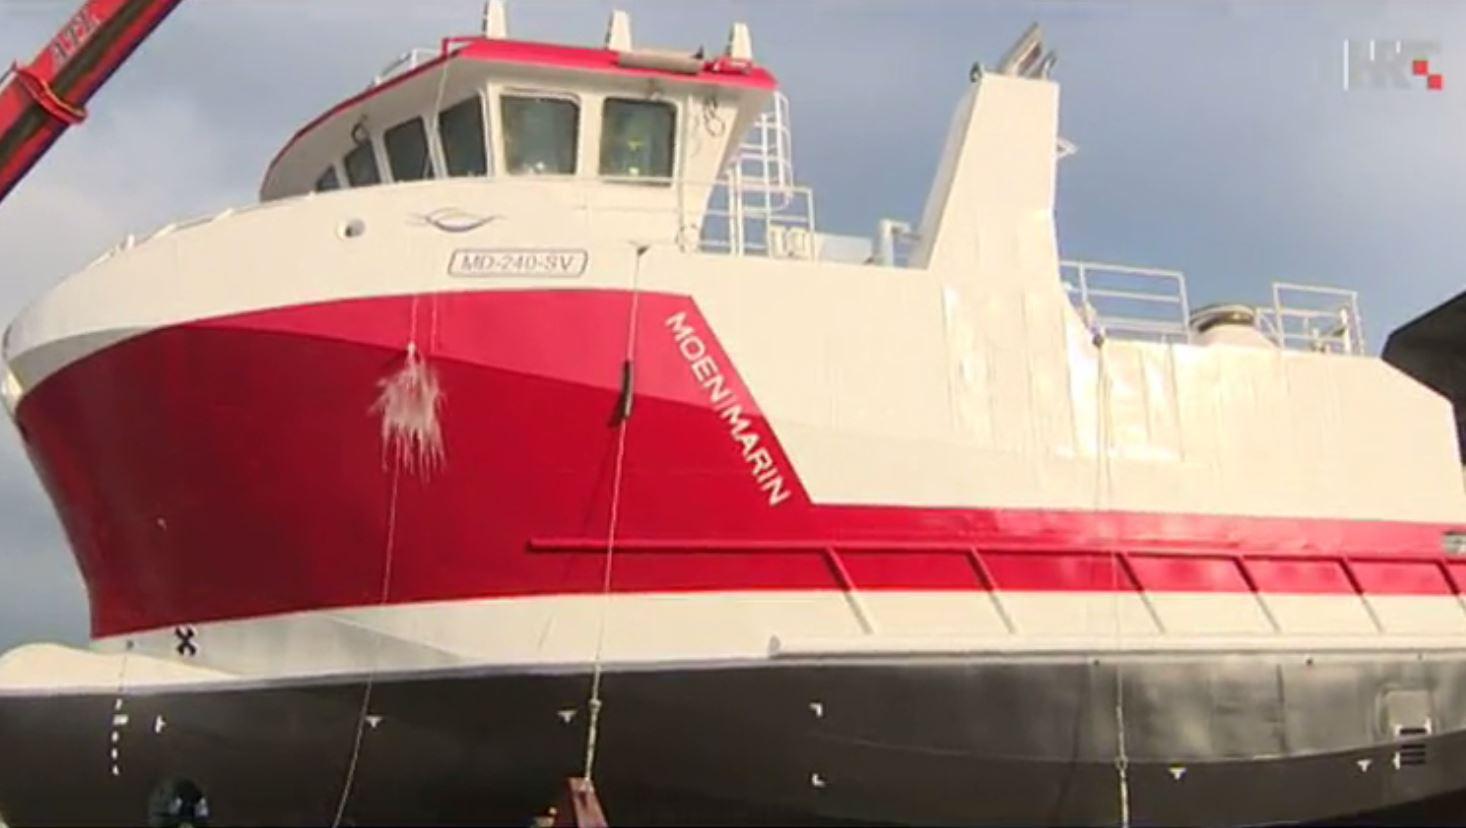 PULA Porinut brod za norveškog naručitelja